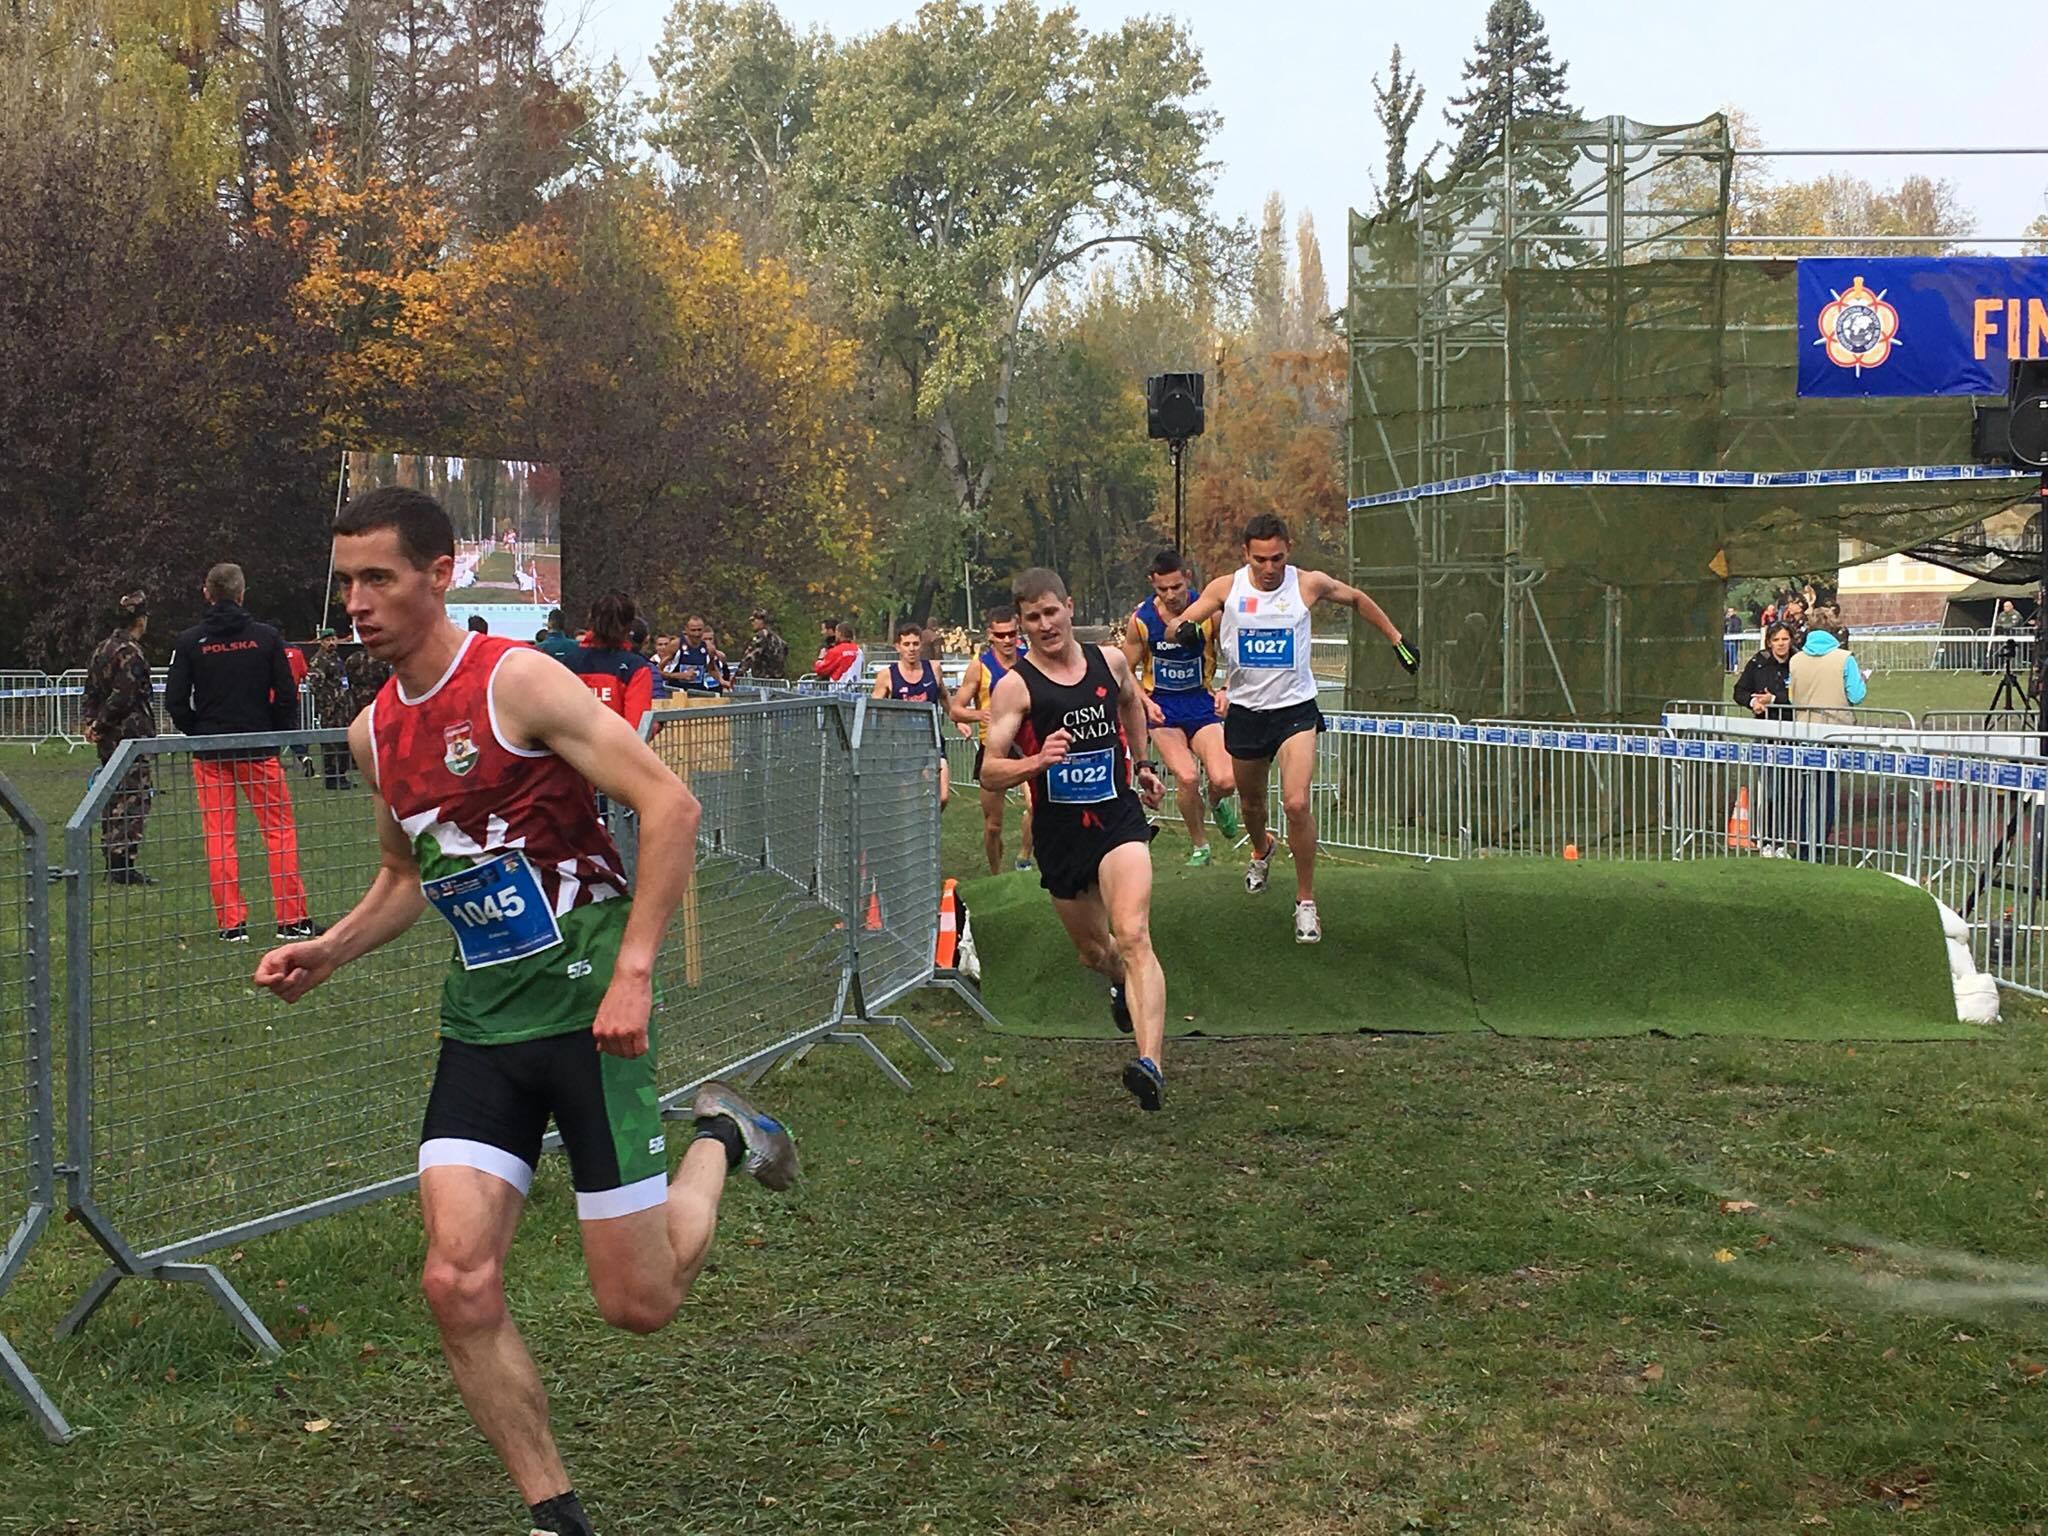 Matt running race.JPG